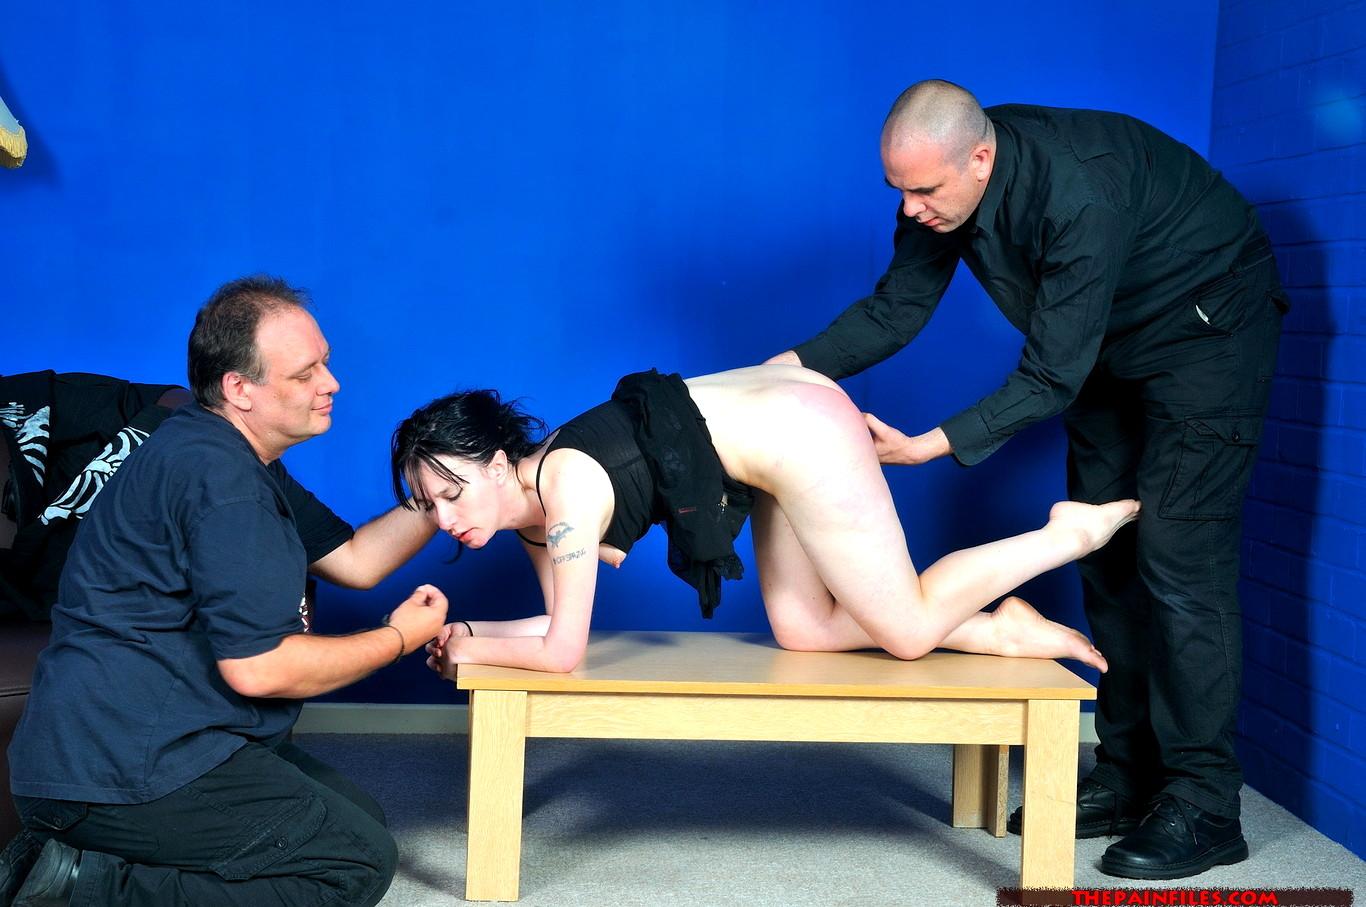 Search spanking blowjob